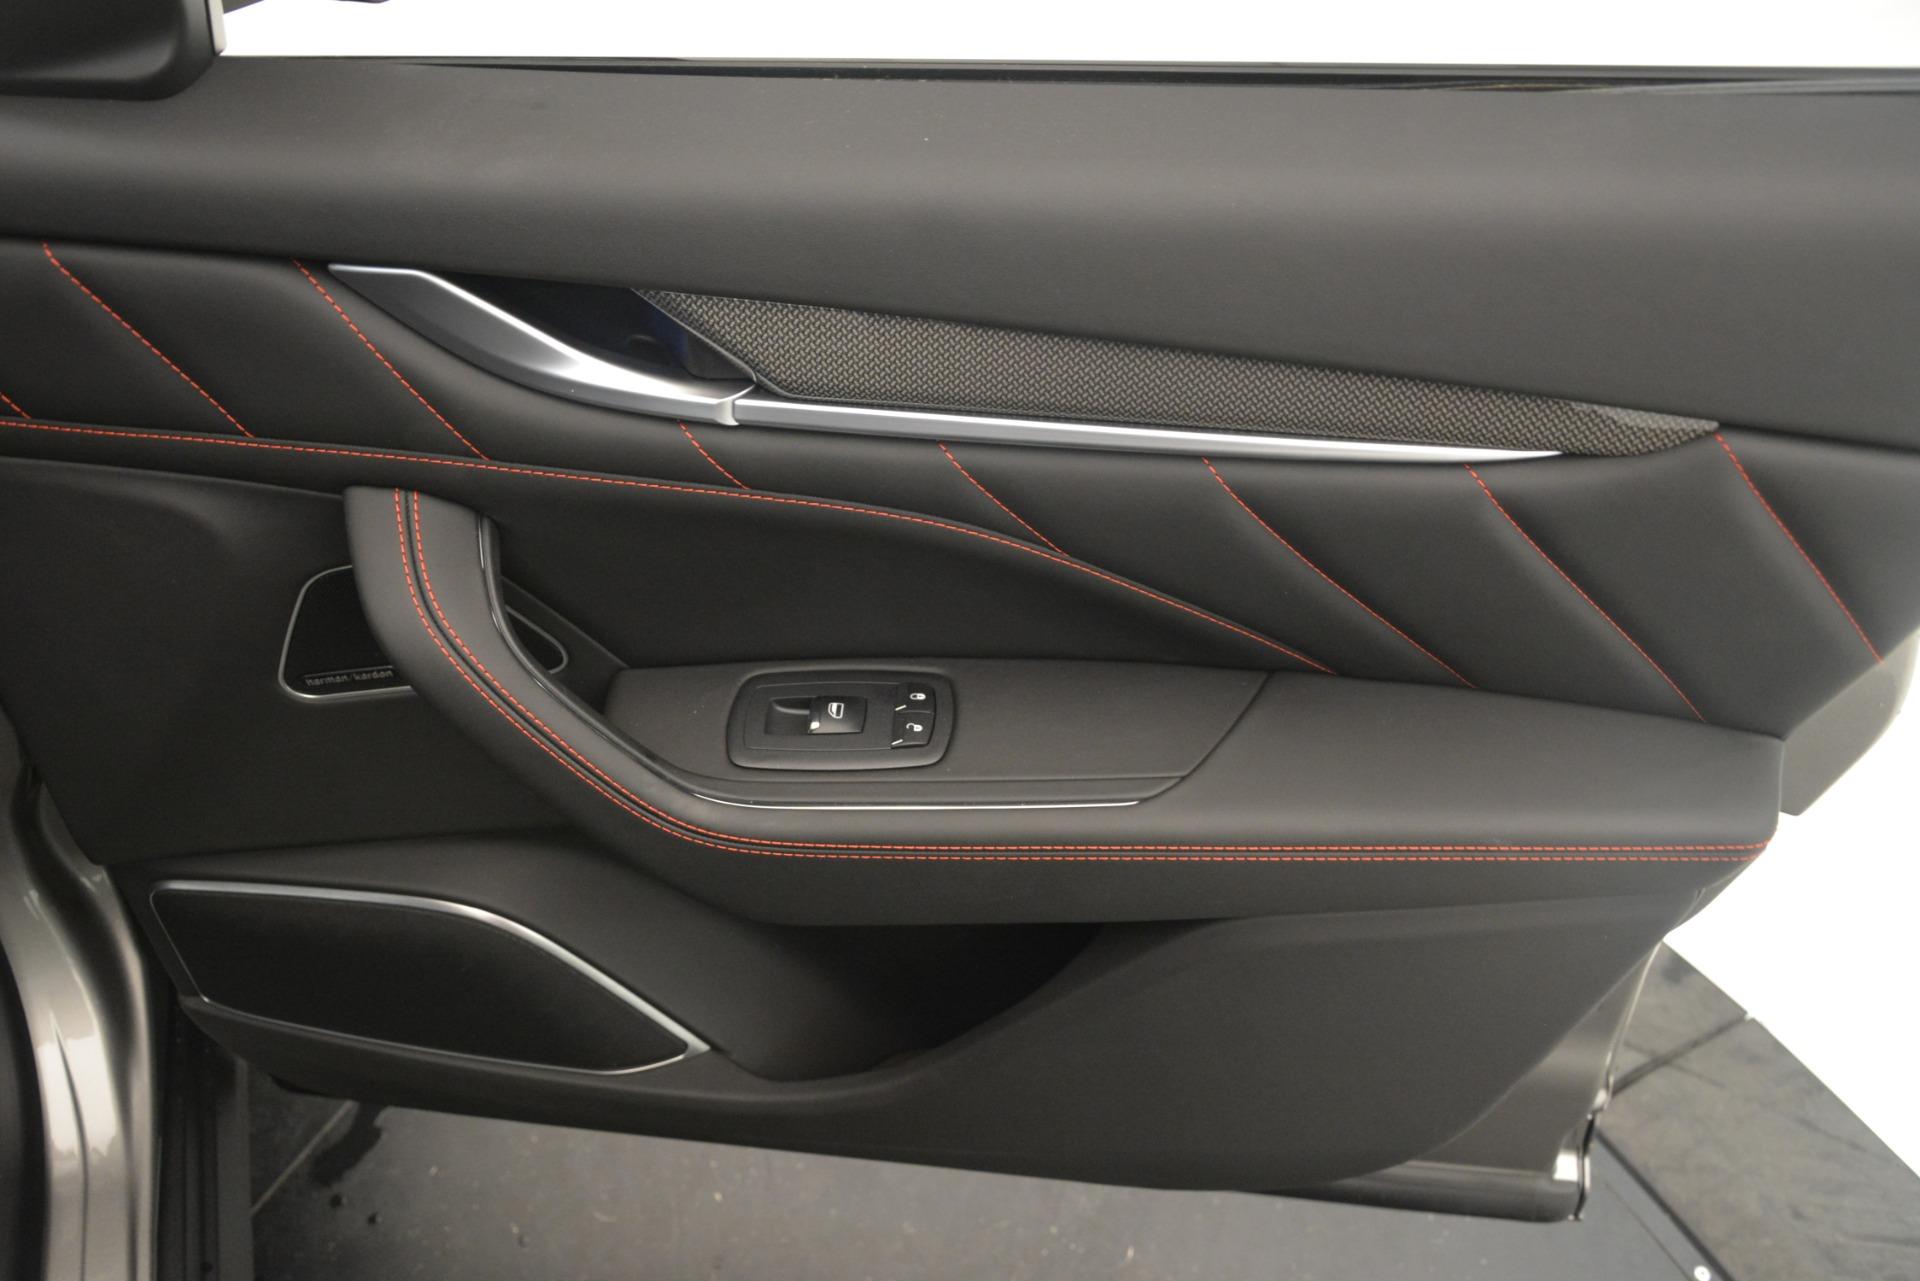 New 2019 Maserati Levante SQ4 GranSport Nerissimo For Sale In Greenwich, CT 3144_p25